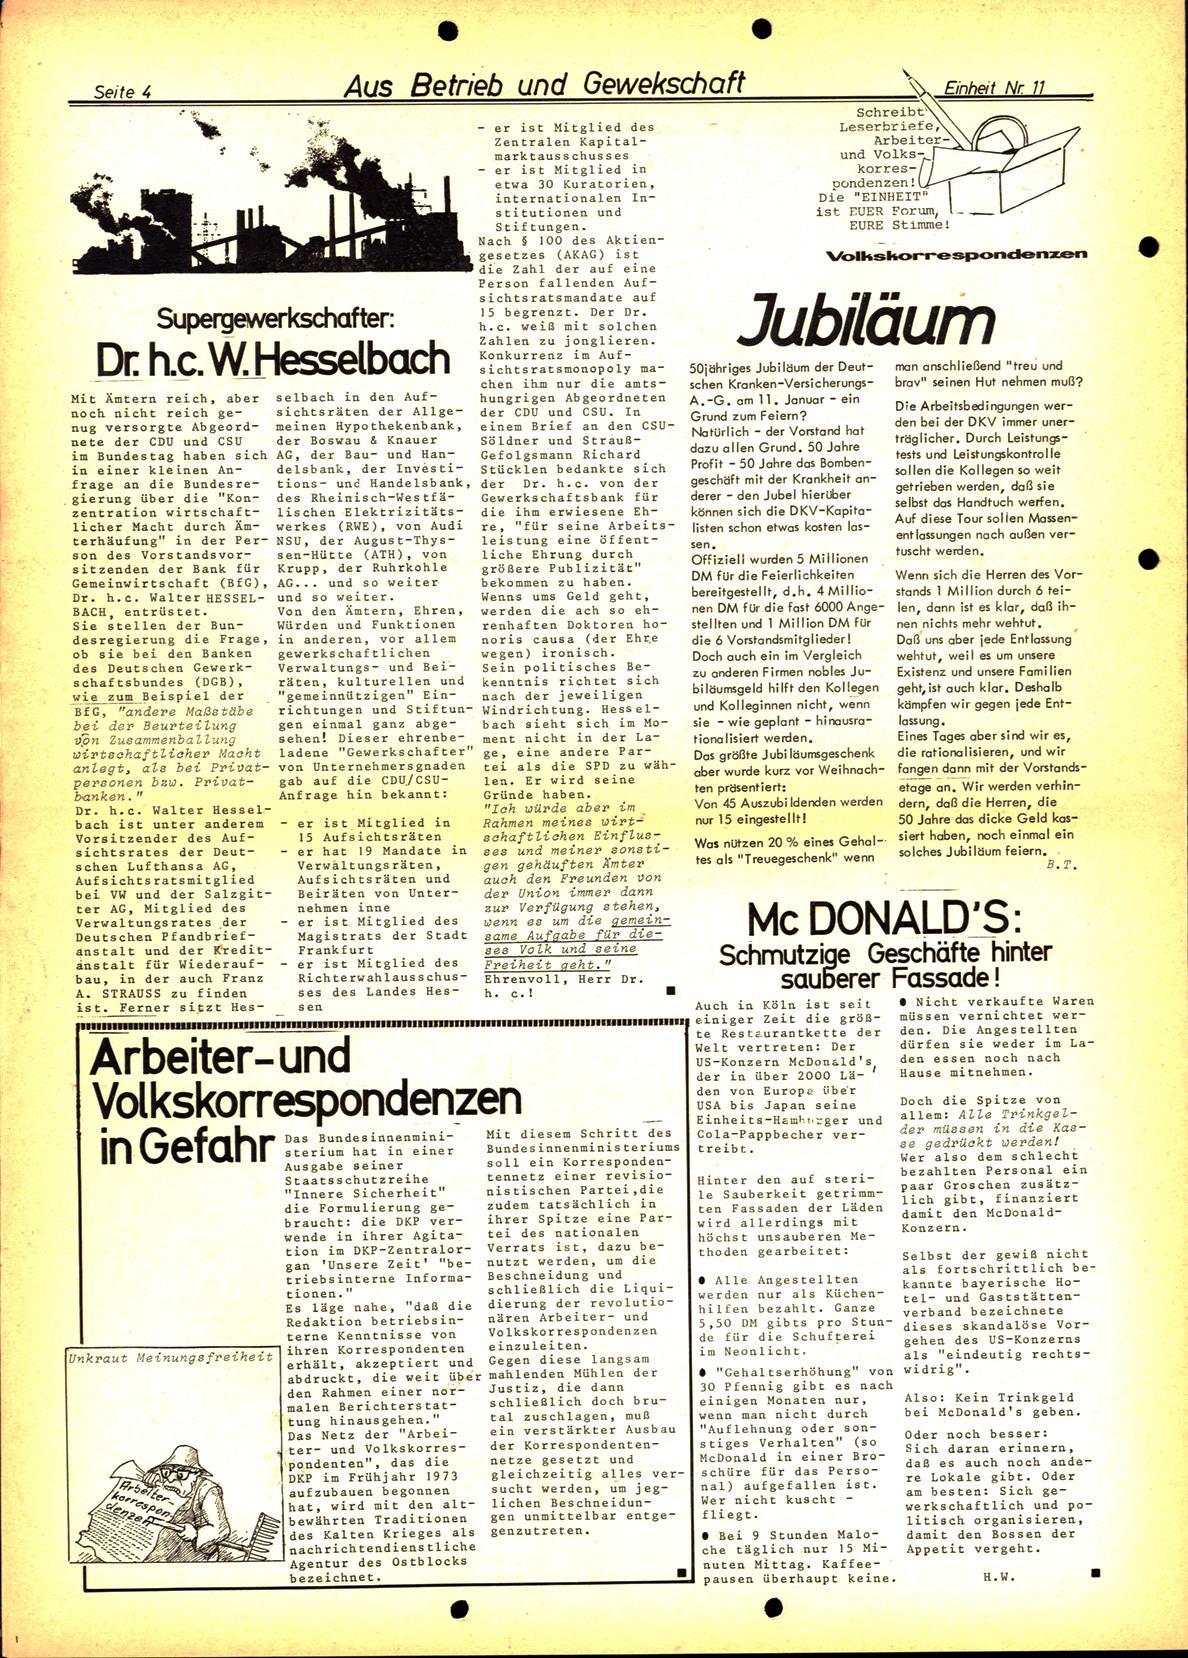 Koeln_IPdA_Einheit_1977_011_004